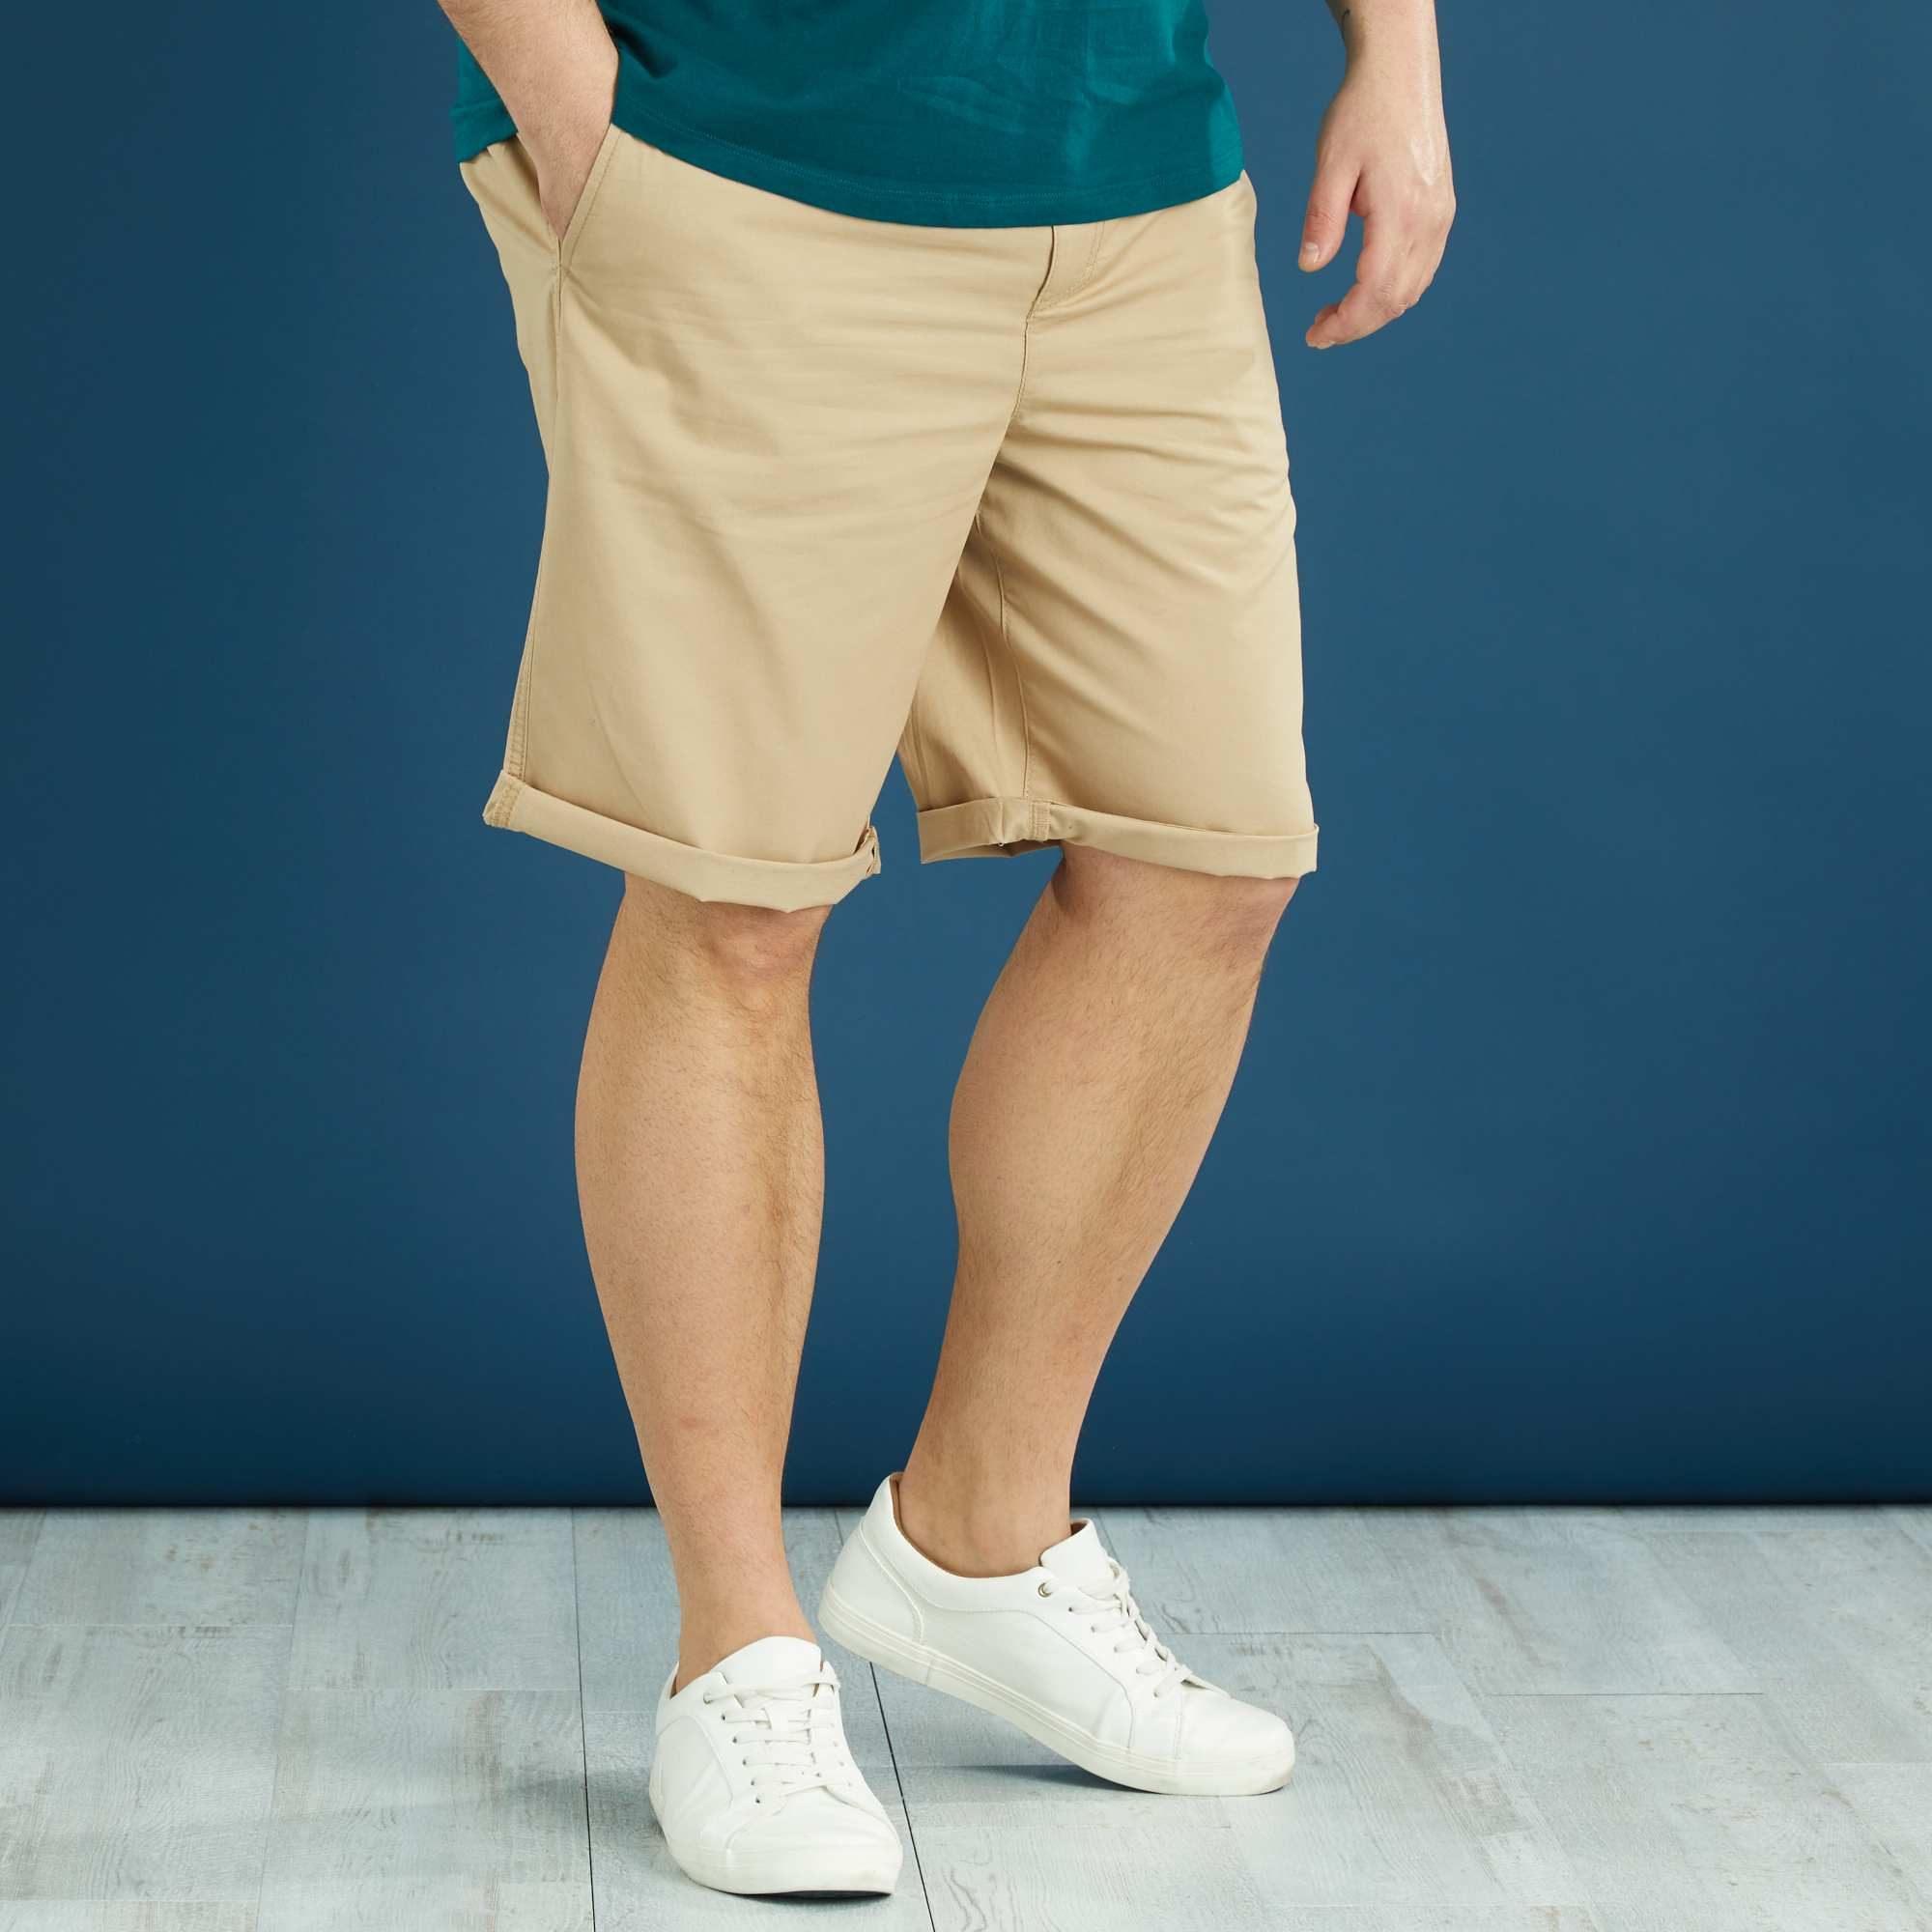 Couleur : bleu marine, beige, bleu marine imprimé,, - Taille : 58, 56, 52,54,60Le bon basique à adopter pour le retour des beaux jours ! Conseil mode : à porter